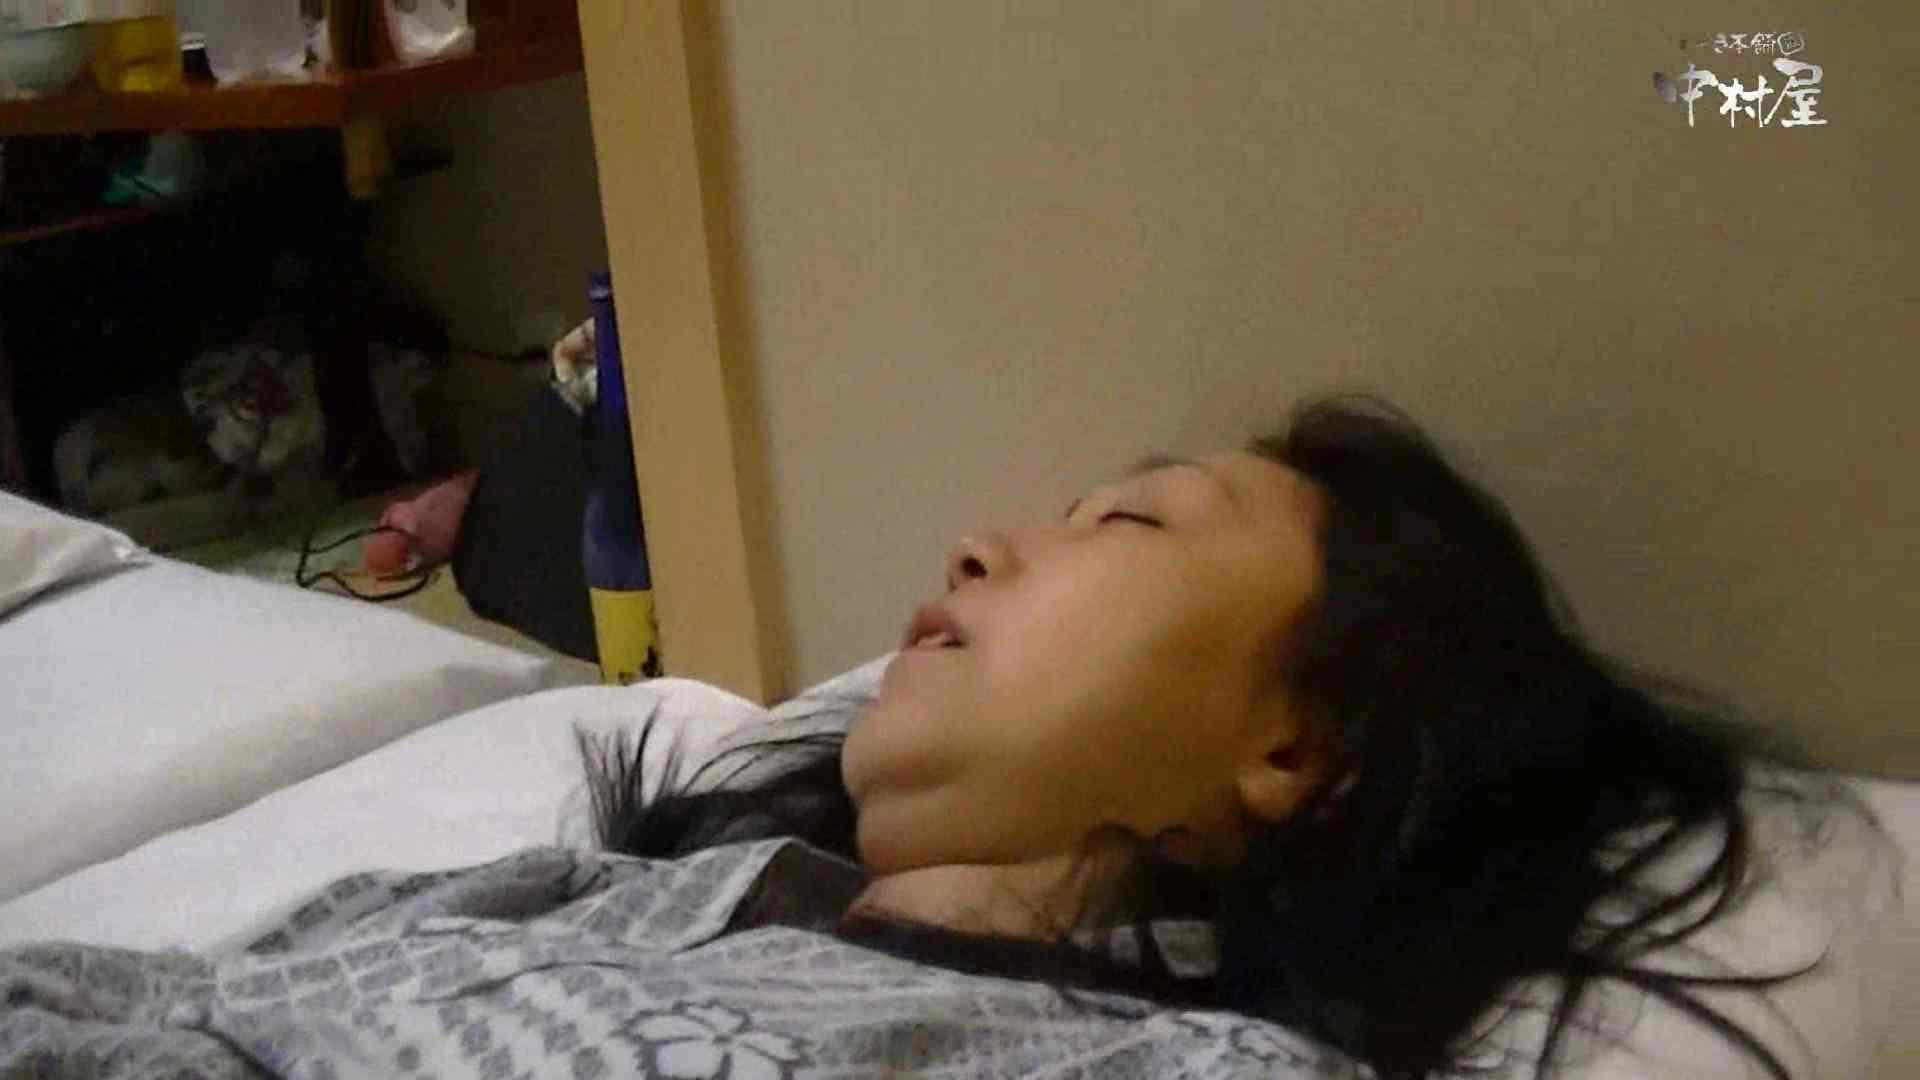 ネムリ姫 vol.53 後編 オンナ達乳首 | エロい熟女  10枚 1